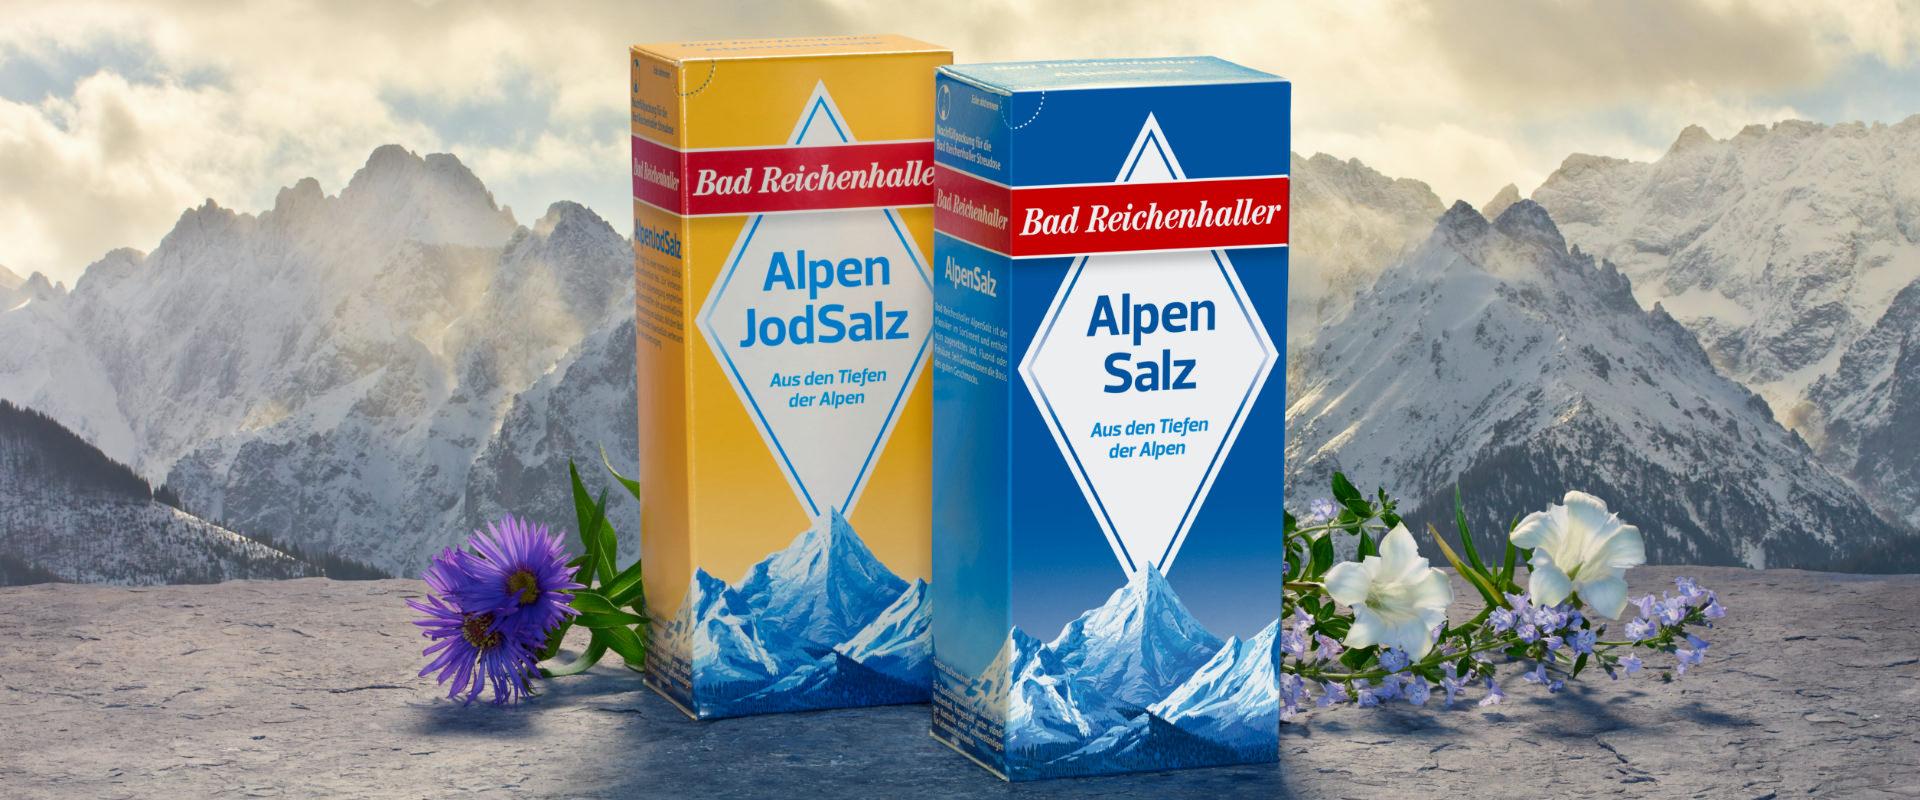 Bad Reichenhaller Alpen Jod Salz und Alpensalz